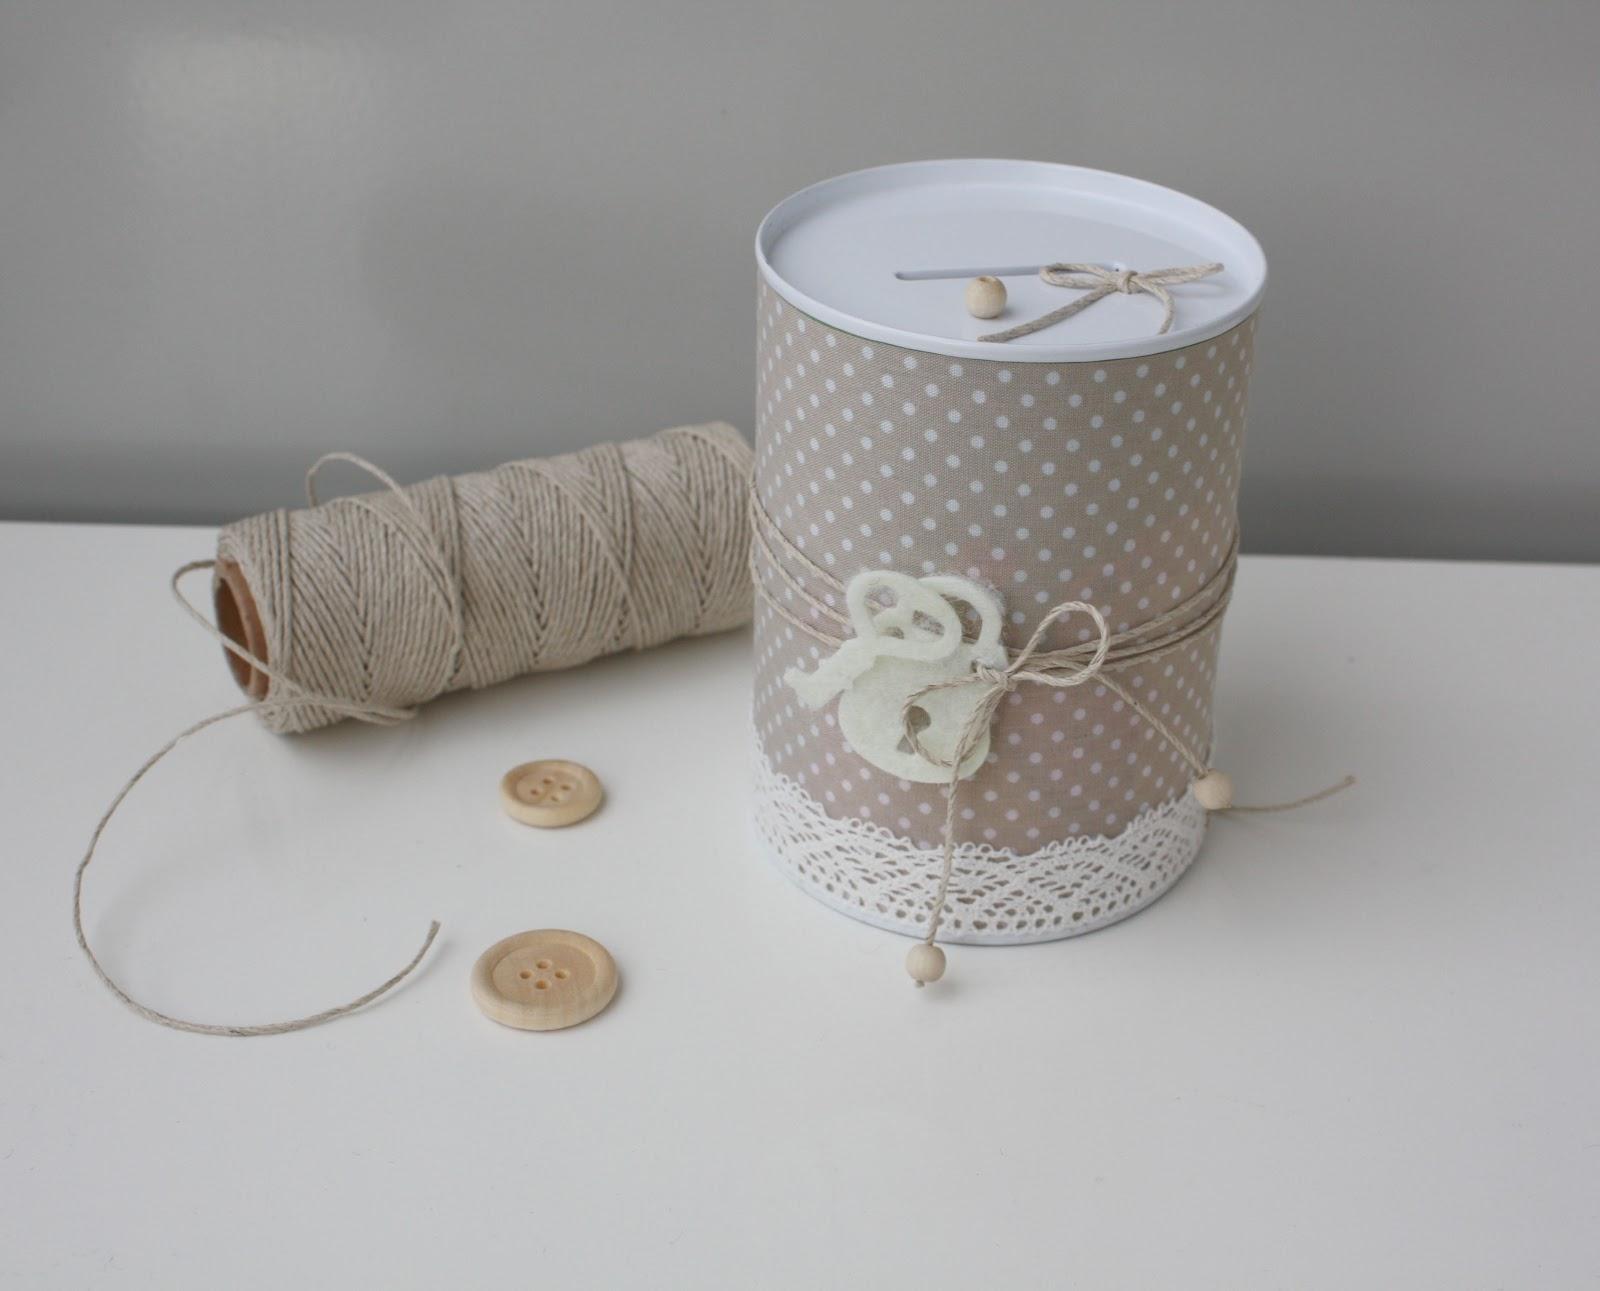 Boite de conserve d cor e fashion designs - Deco avec des boites de conserves ...